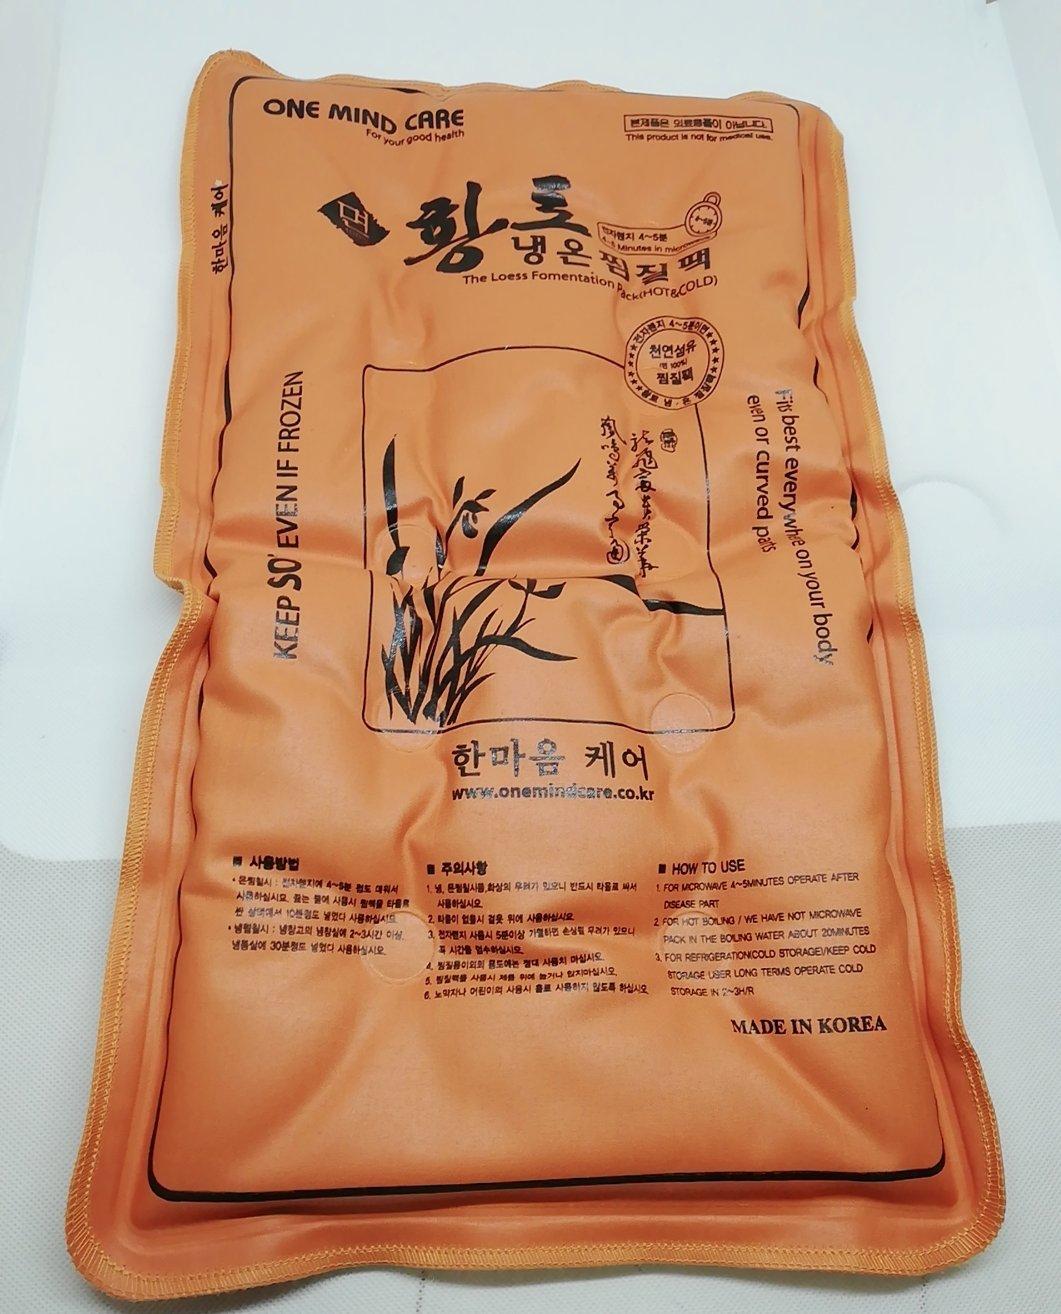 チムジルパック 温活 韓国美容 ホットパック